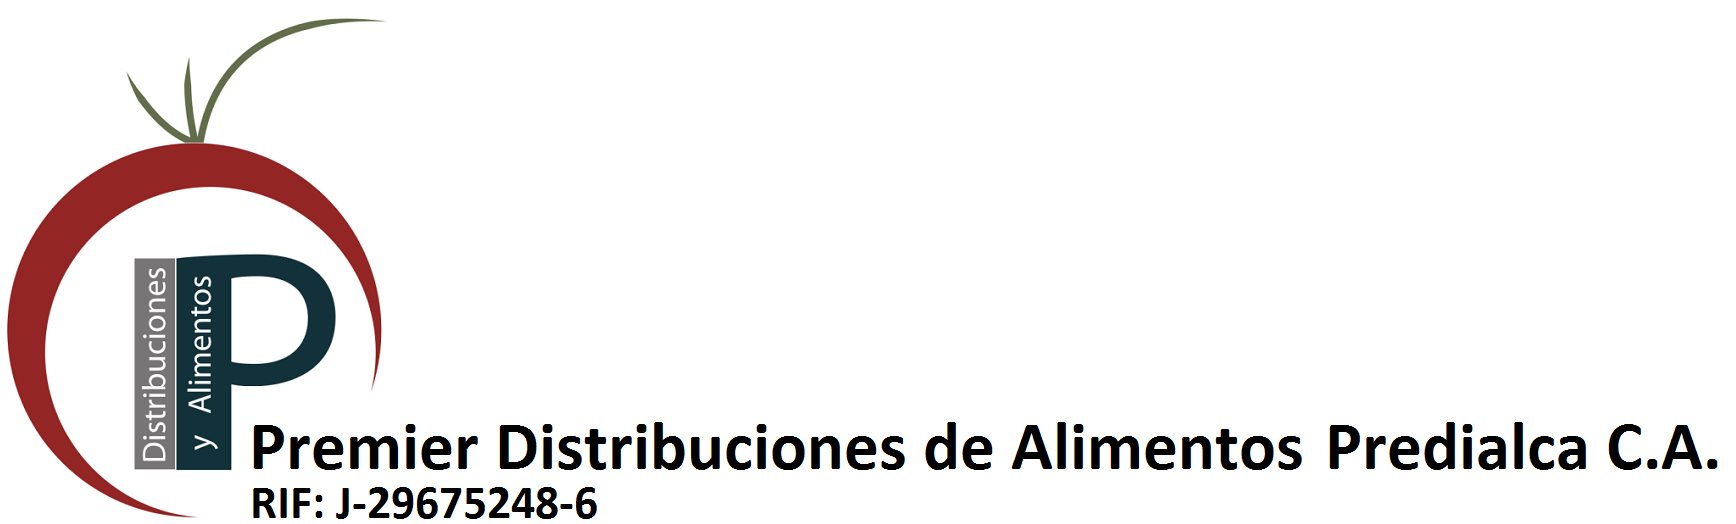 Premier Distribuciones de Alimentos PREDIALCA C.A